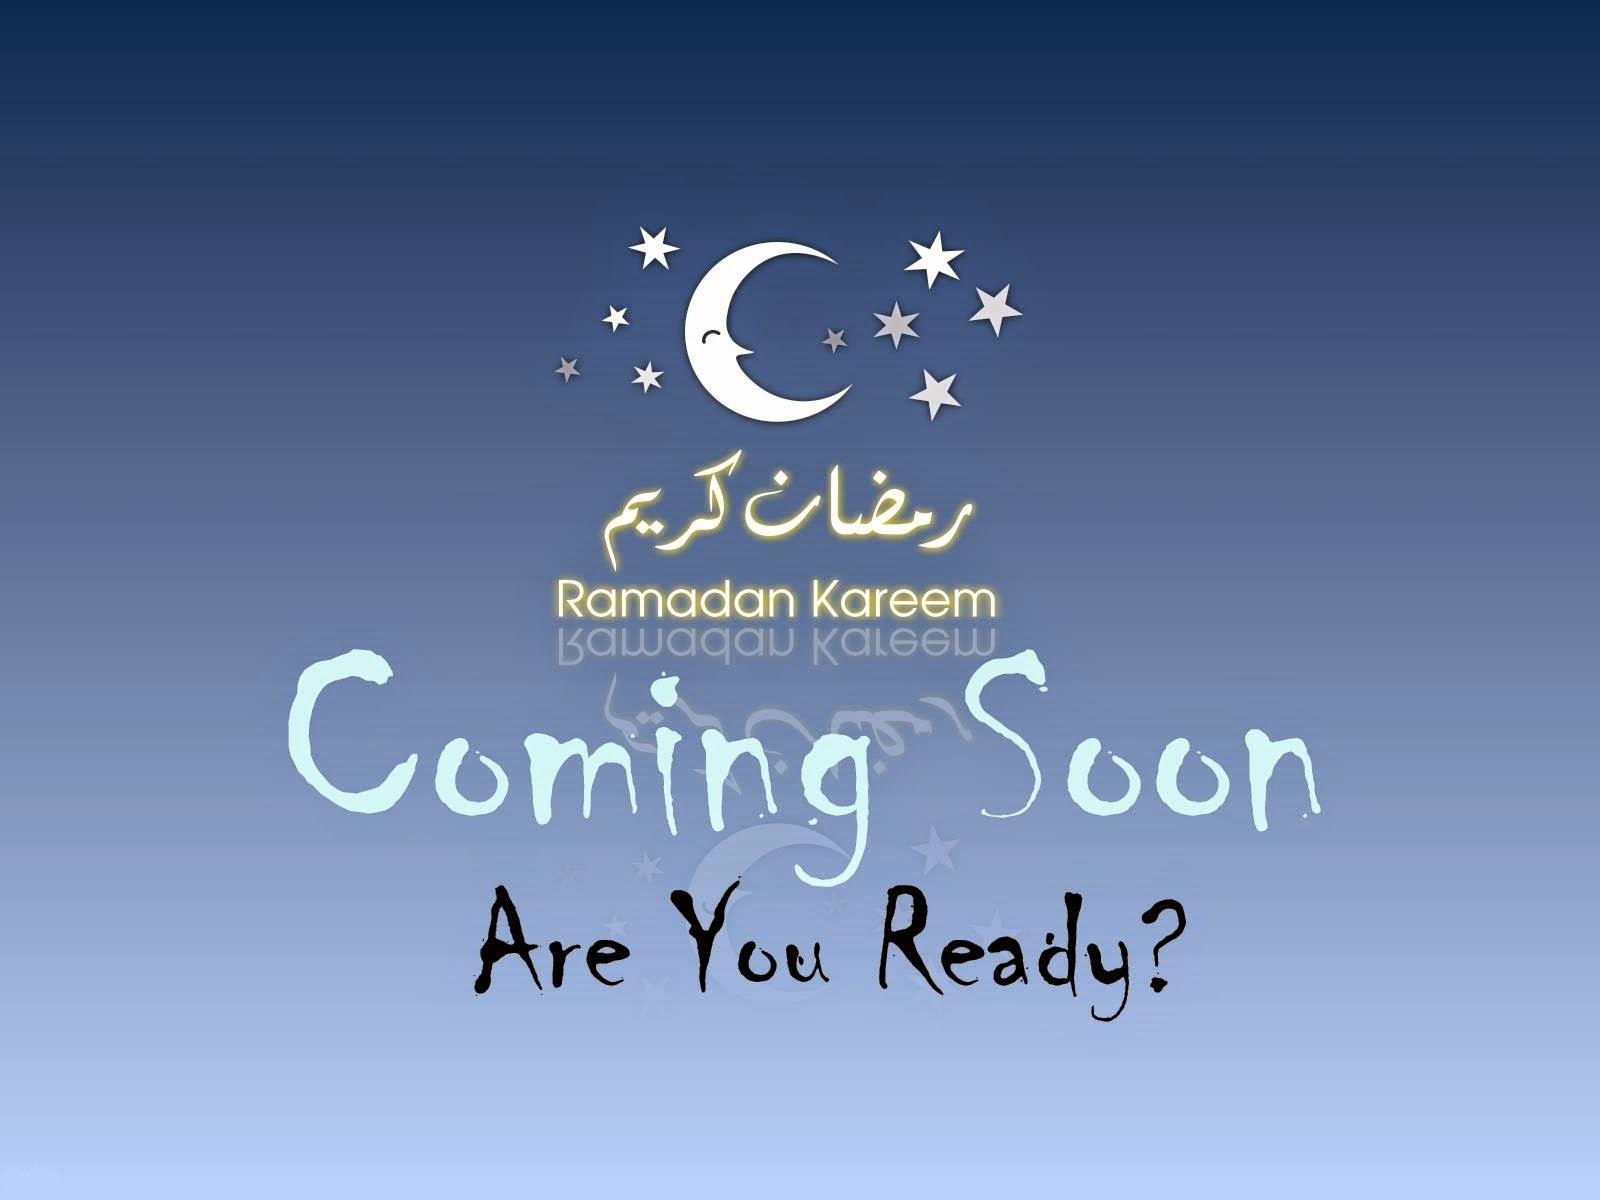 Great Reminder Ramadan Wallpaper - 243659_459644984059441_918027047_o  Image_709119 .jpg